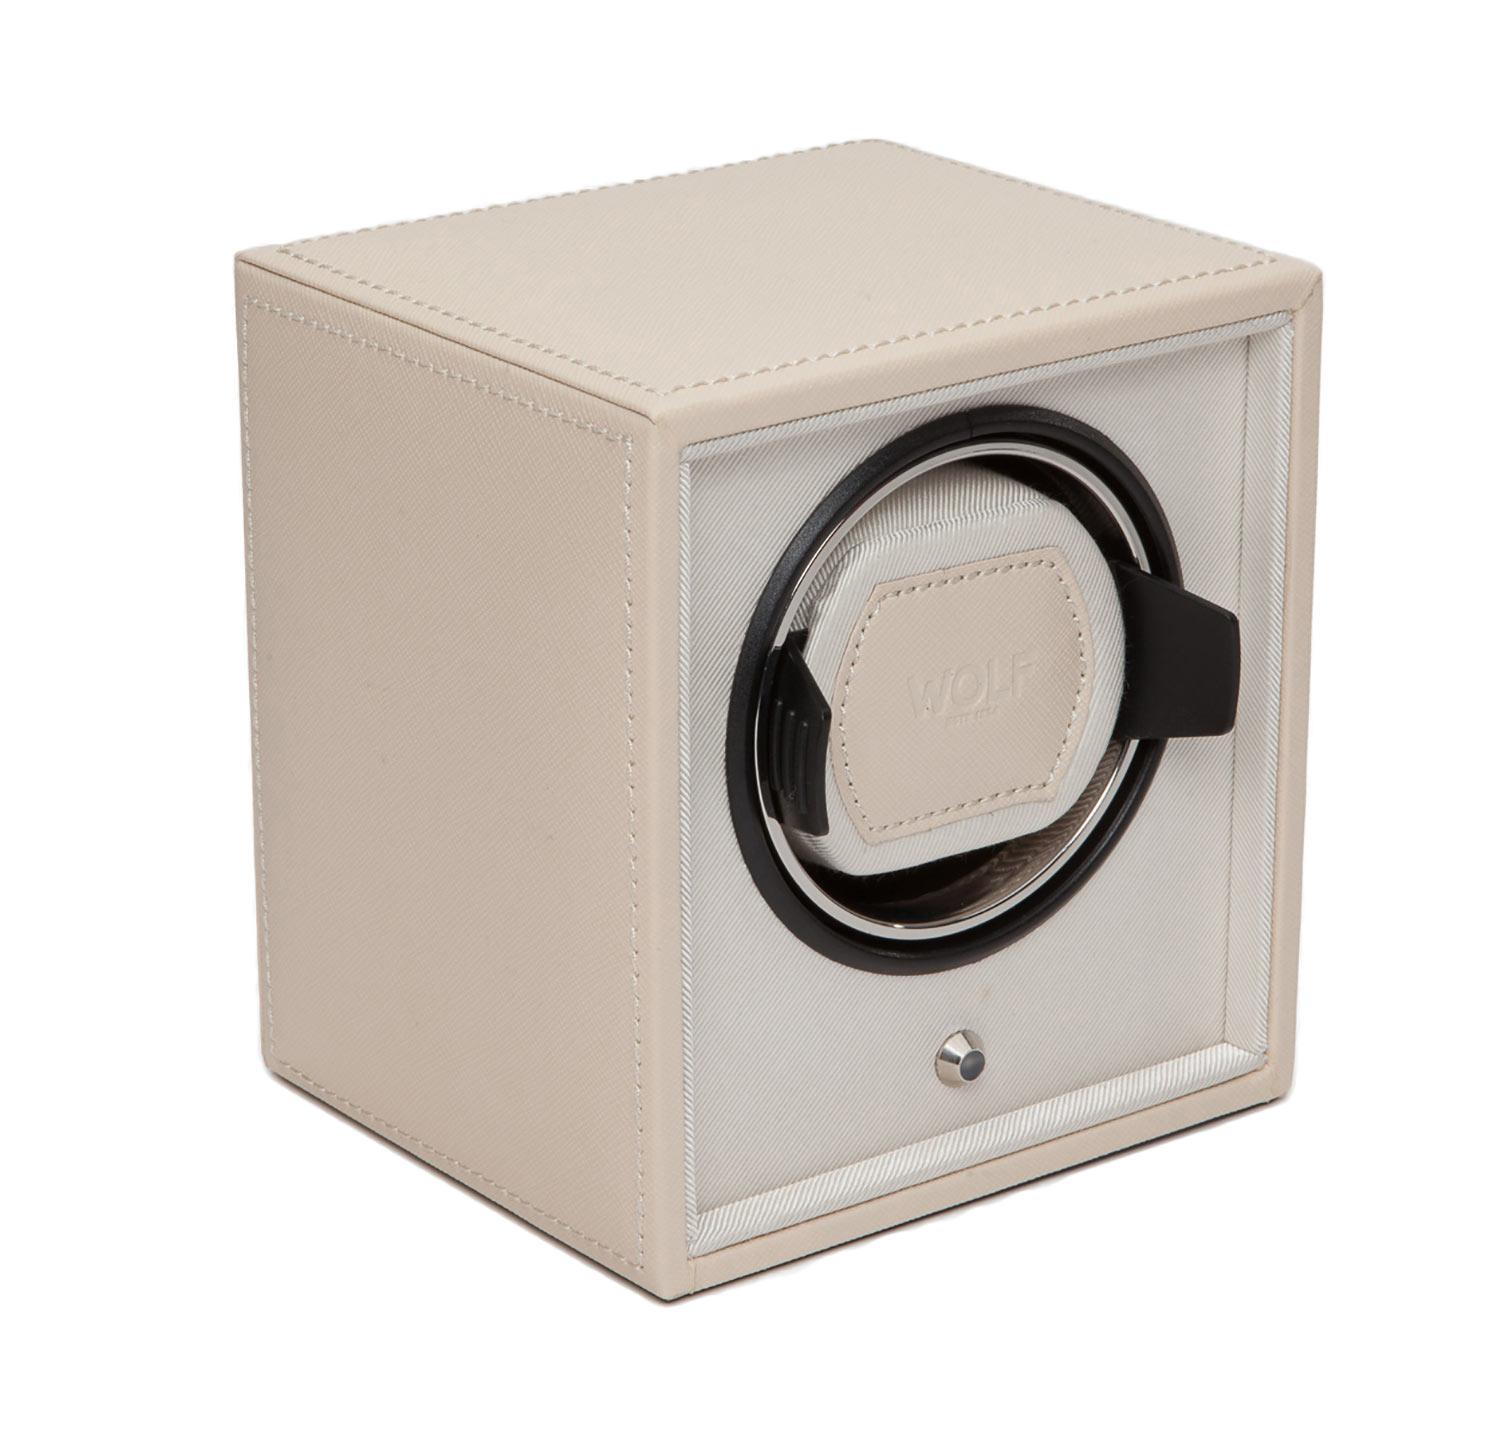 WOLF 455253 Шкатулка для автоподзавода часов WOLF из коллекции Cube